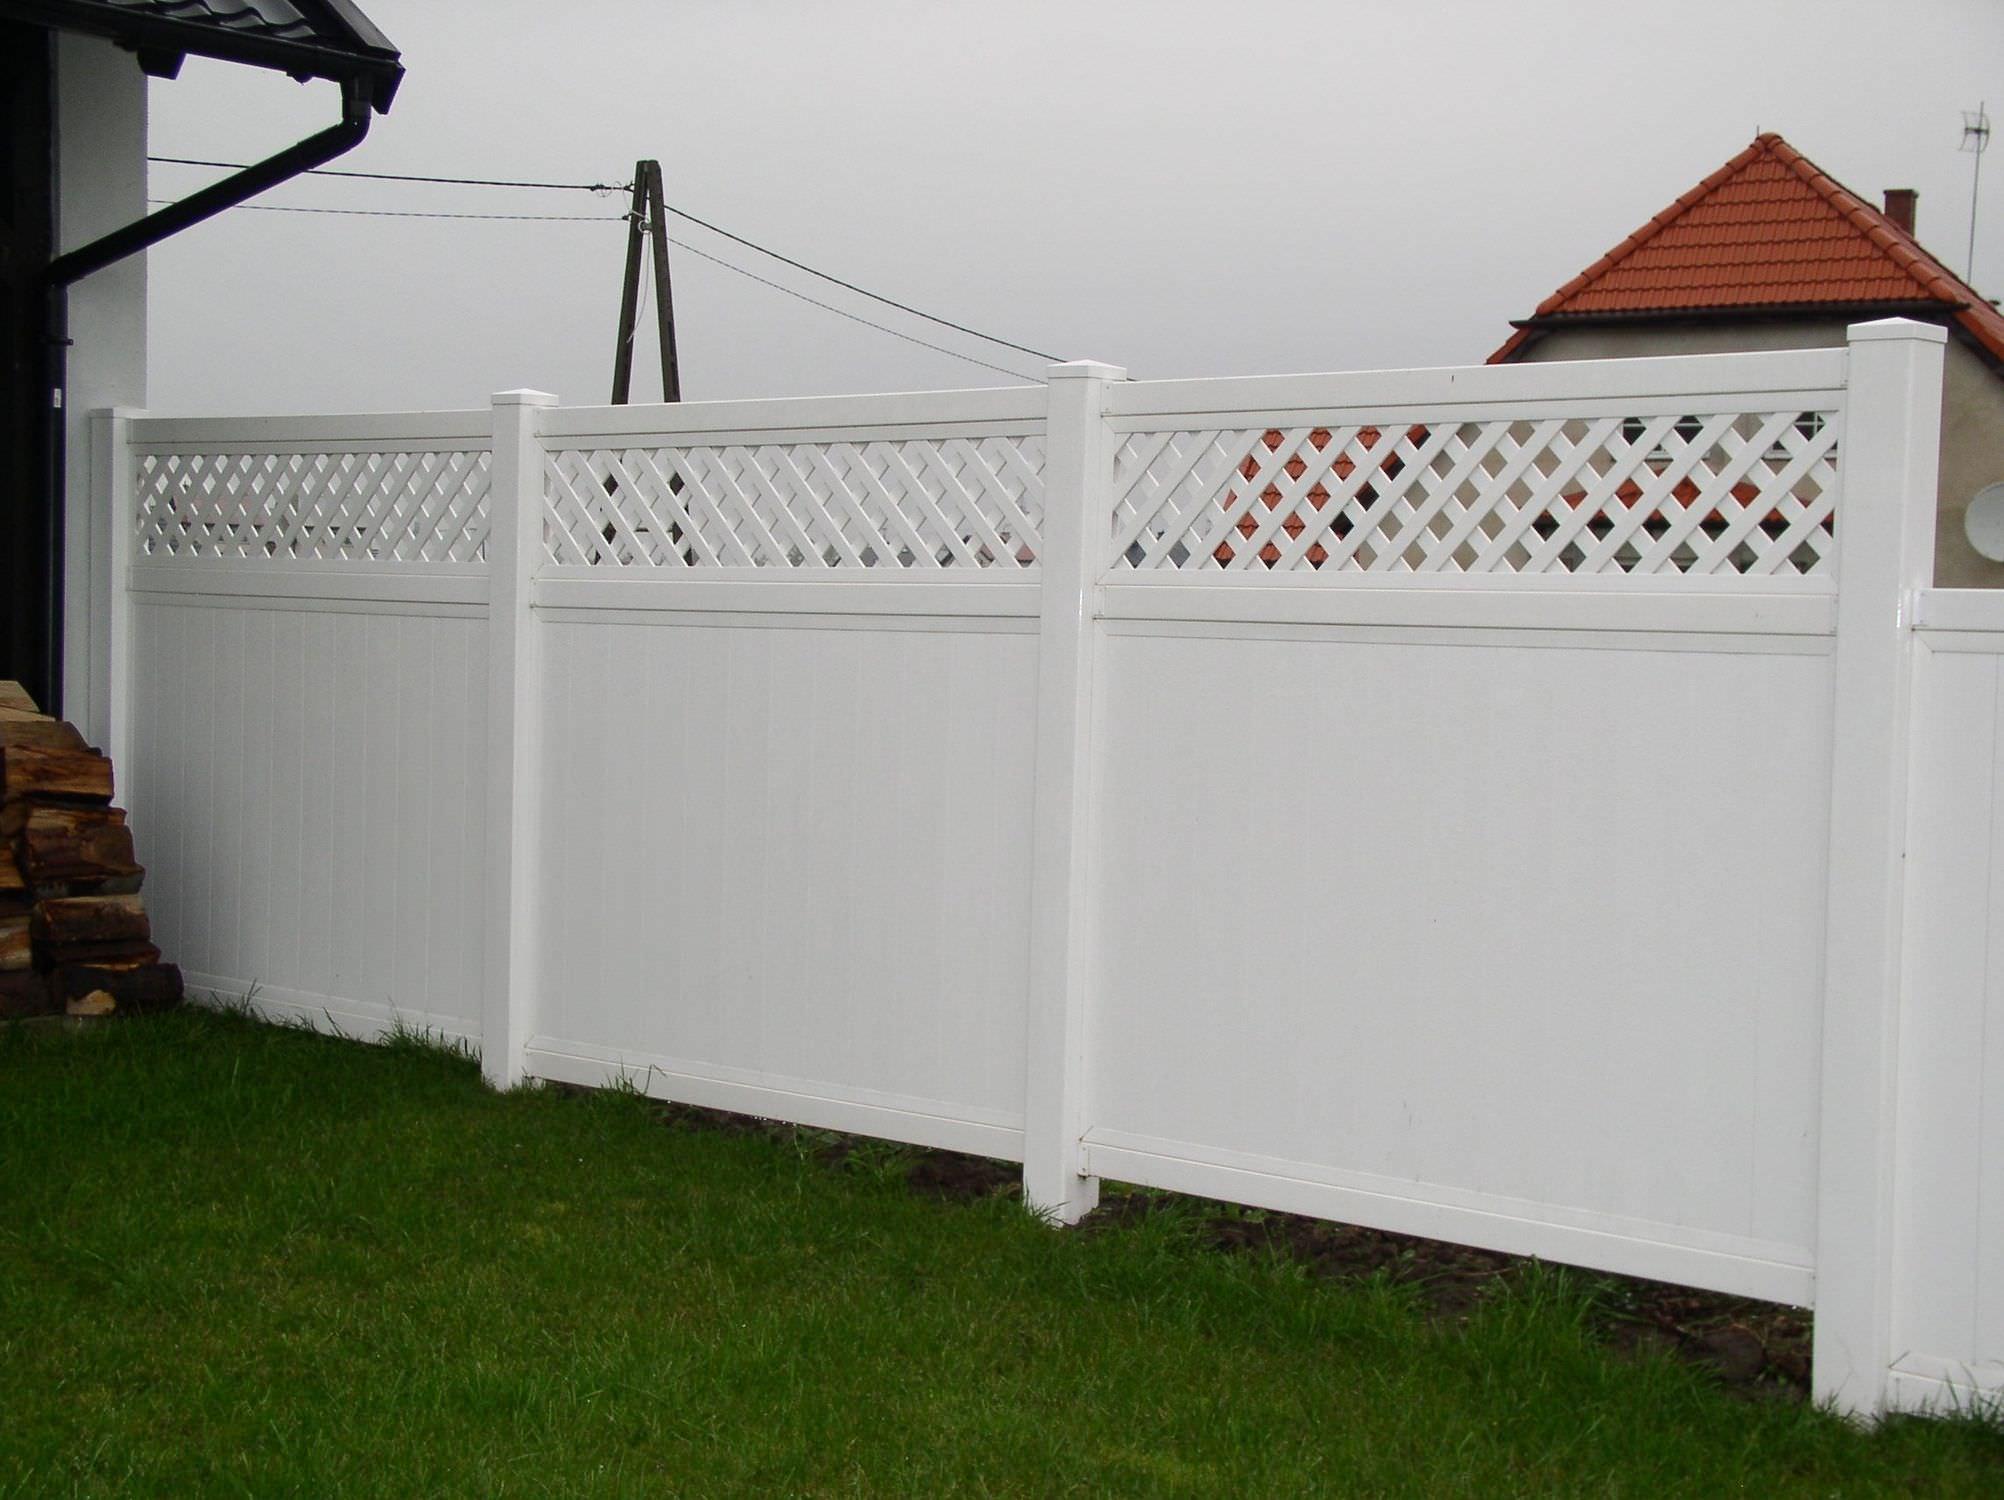 Recinzioni Da Giardino In Pvc : Recinzione da giardino in pvc hoarding open work top fence